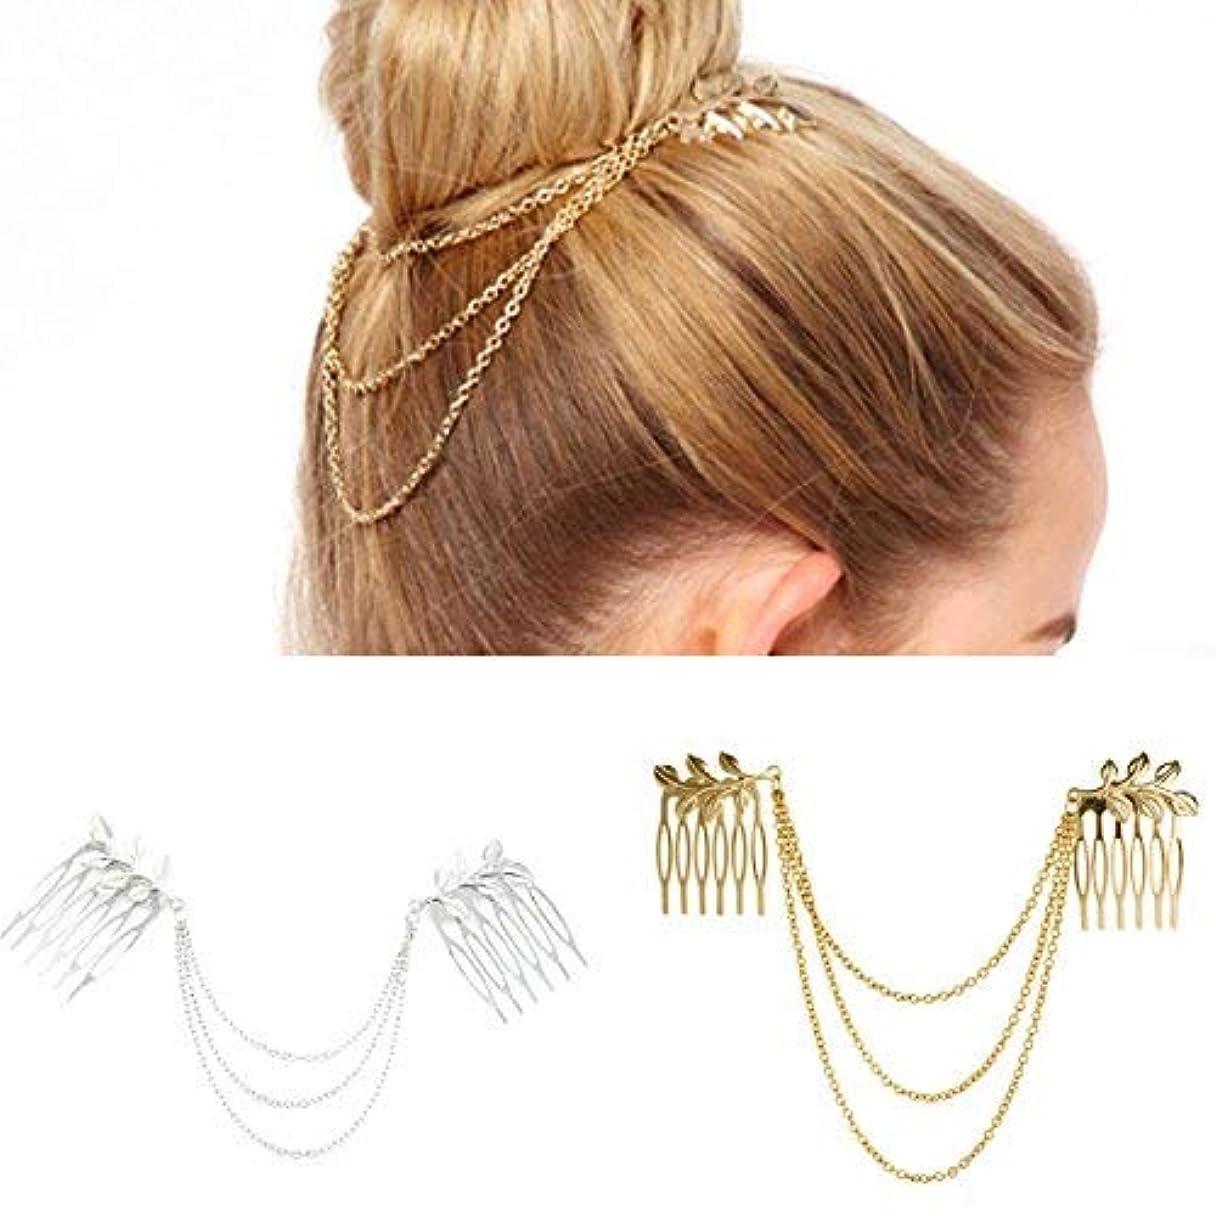 オーガニック主張杭Numblartd 2 Pcs Women BOHO Chic Metal Leaf Chain Tassel Headband Hair Comb - Fashion Fringe Hair Clip Pins Hairpin...